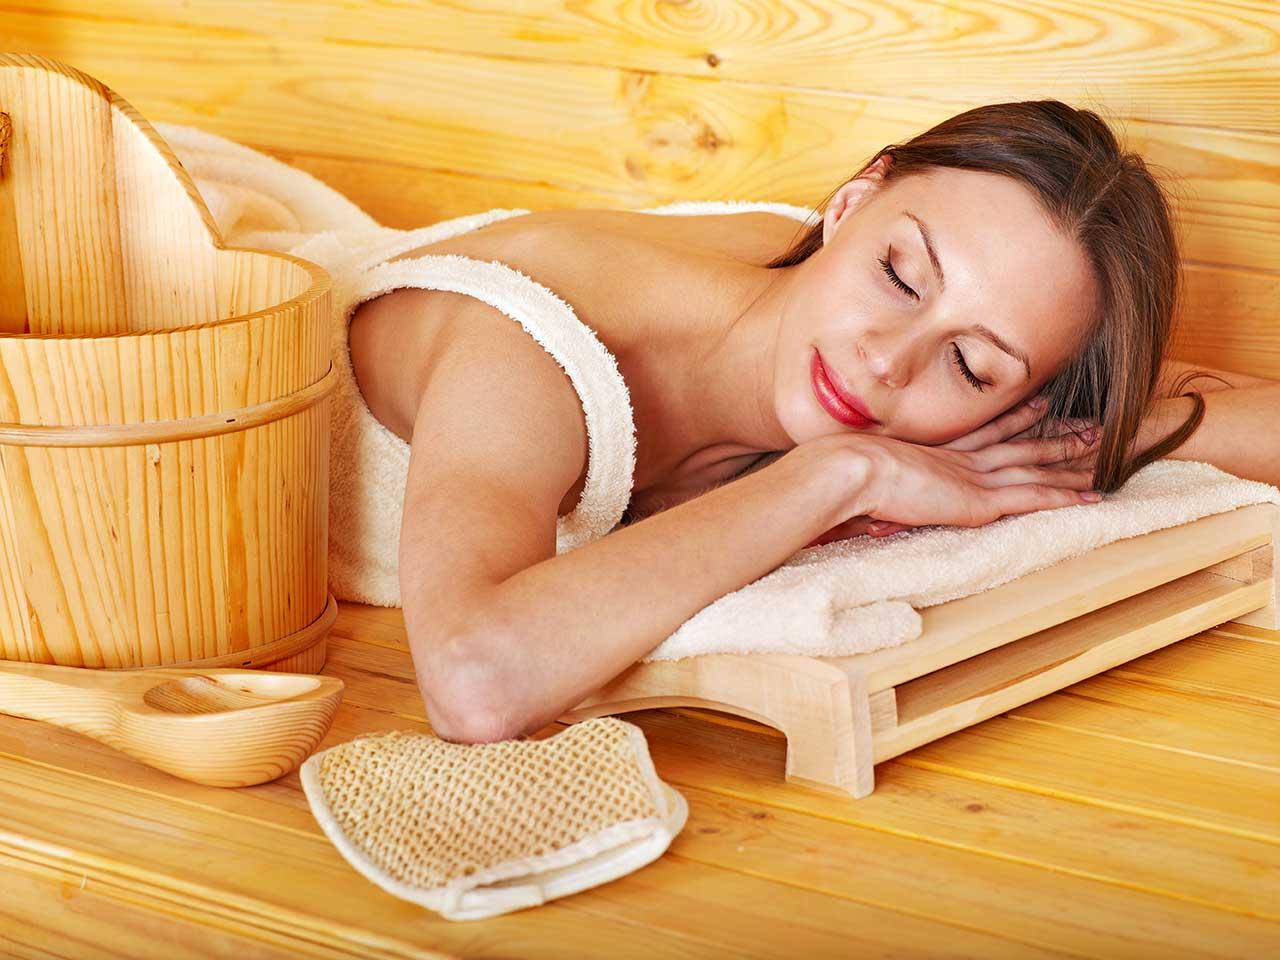 Как париться в бане правильно – полезные советы и предостережения от специалистов